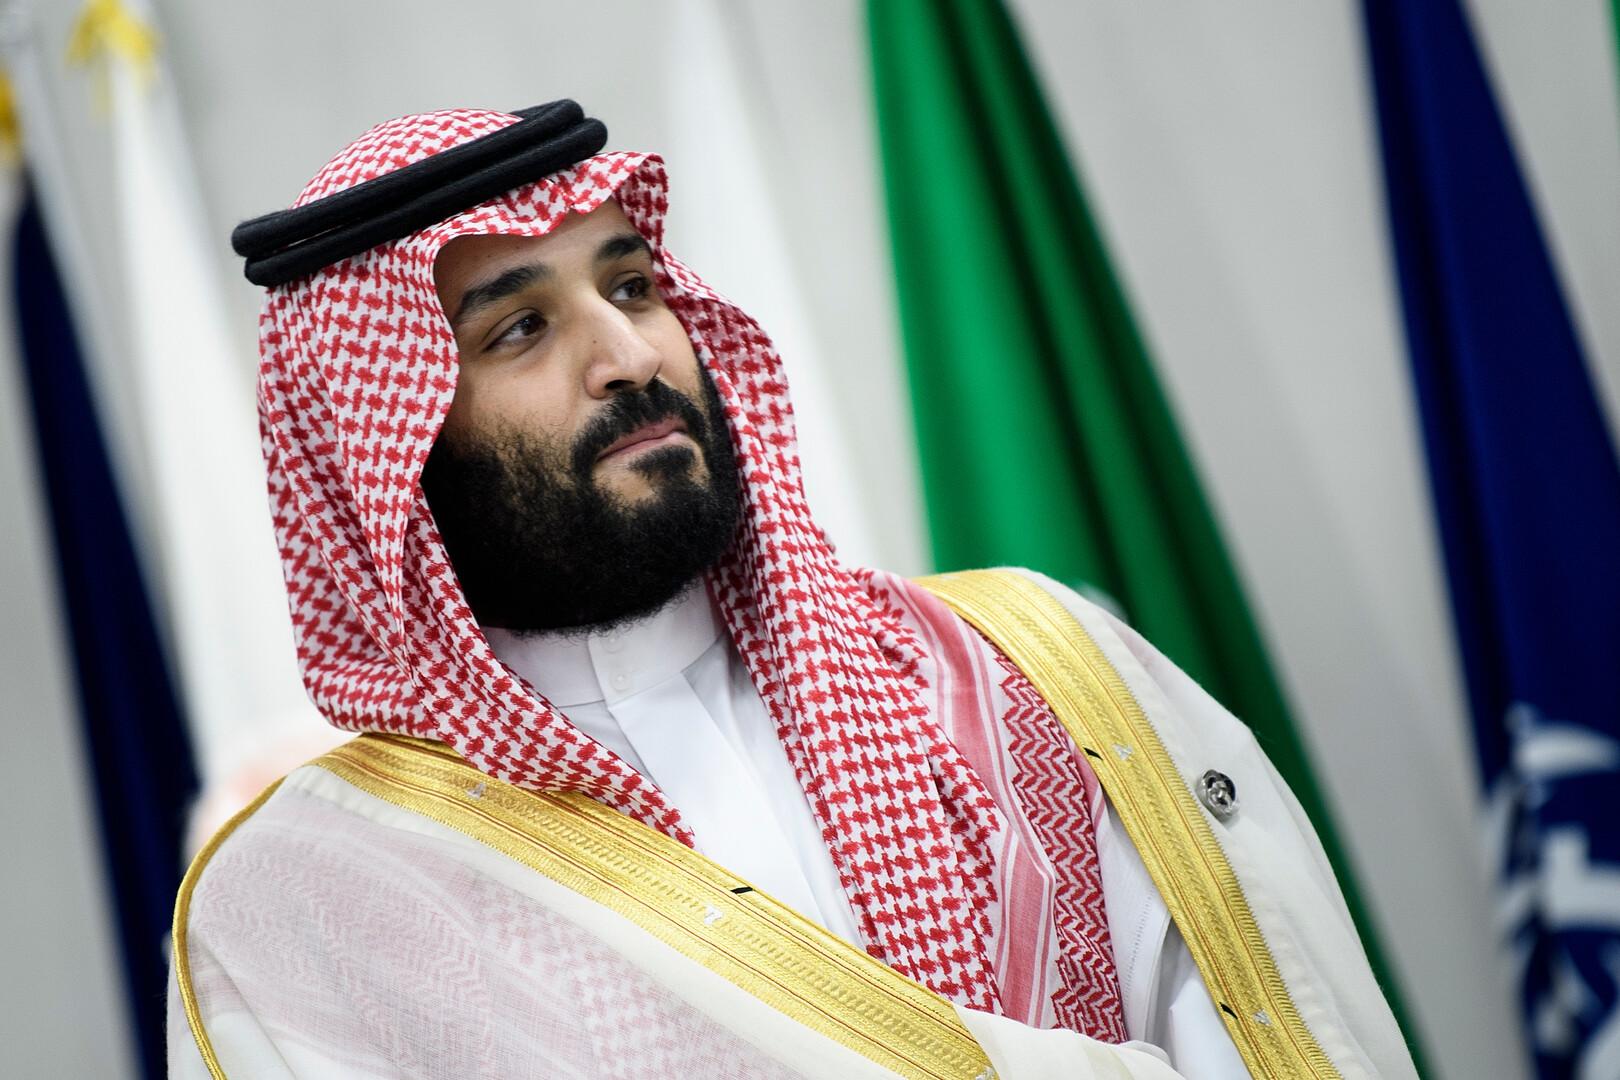 ولي العهد السعودي يأمر بترميم قصر تاريخي يعود لشقيقة الملك المؤسس على نفقته الخاصة